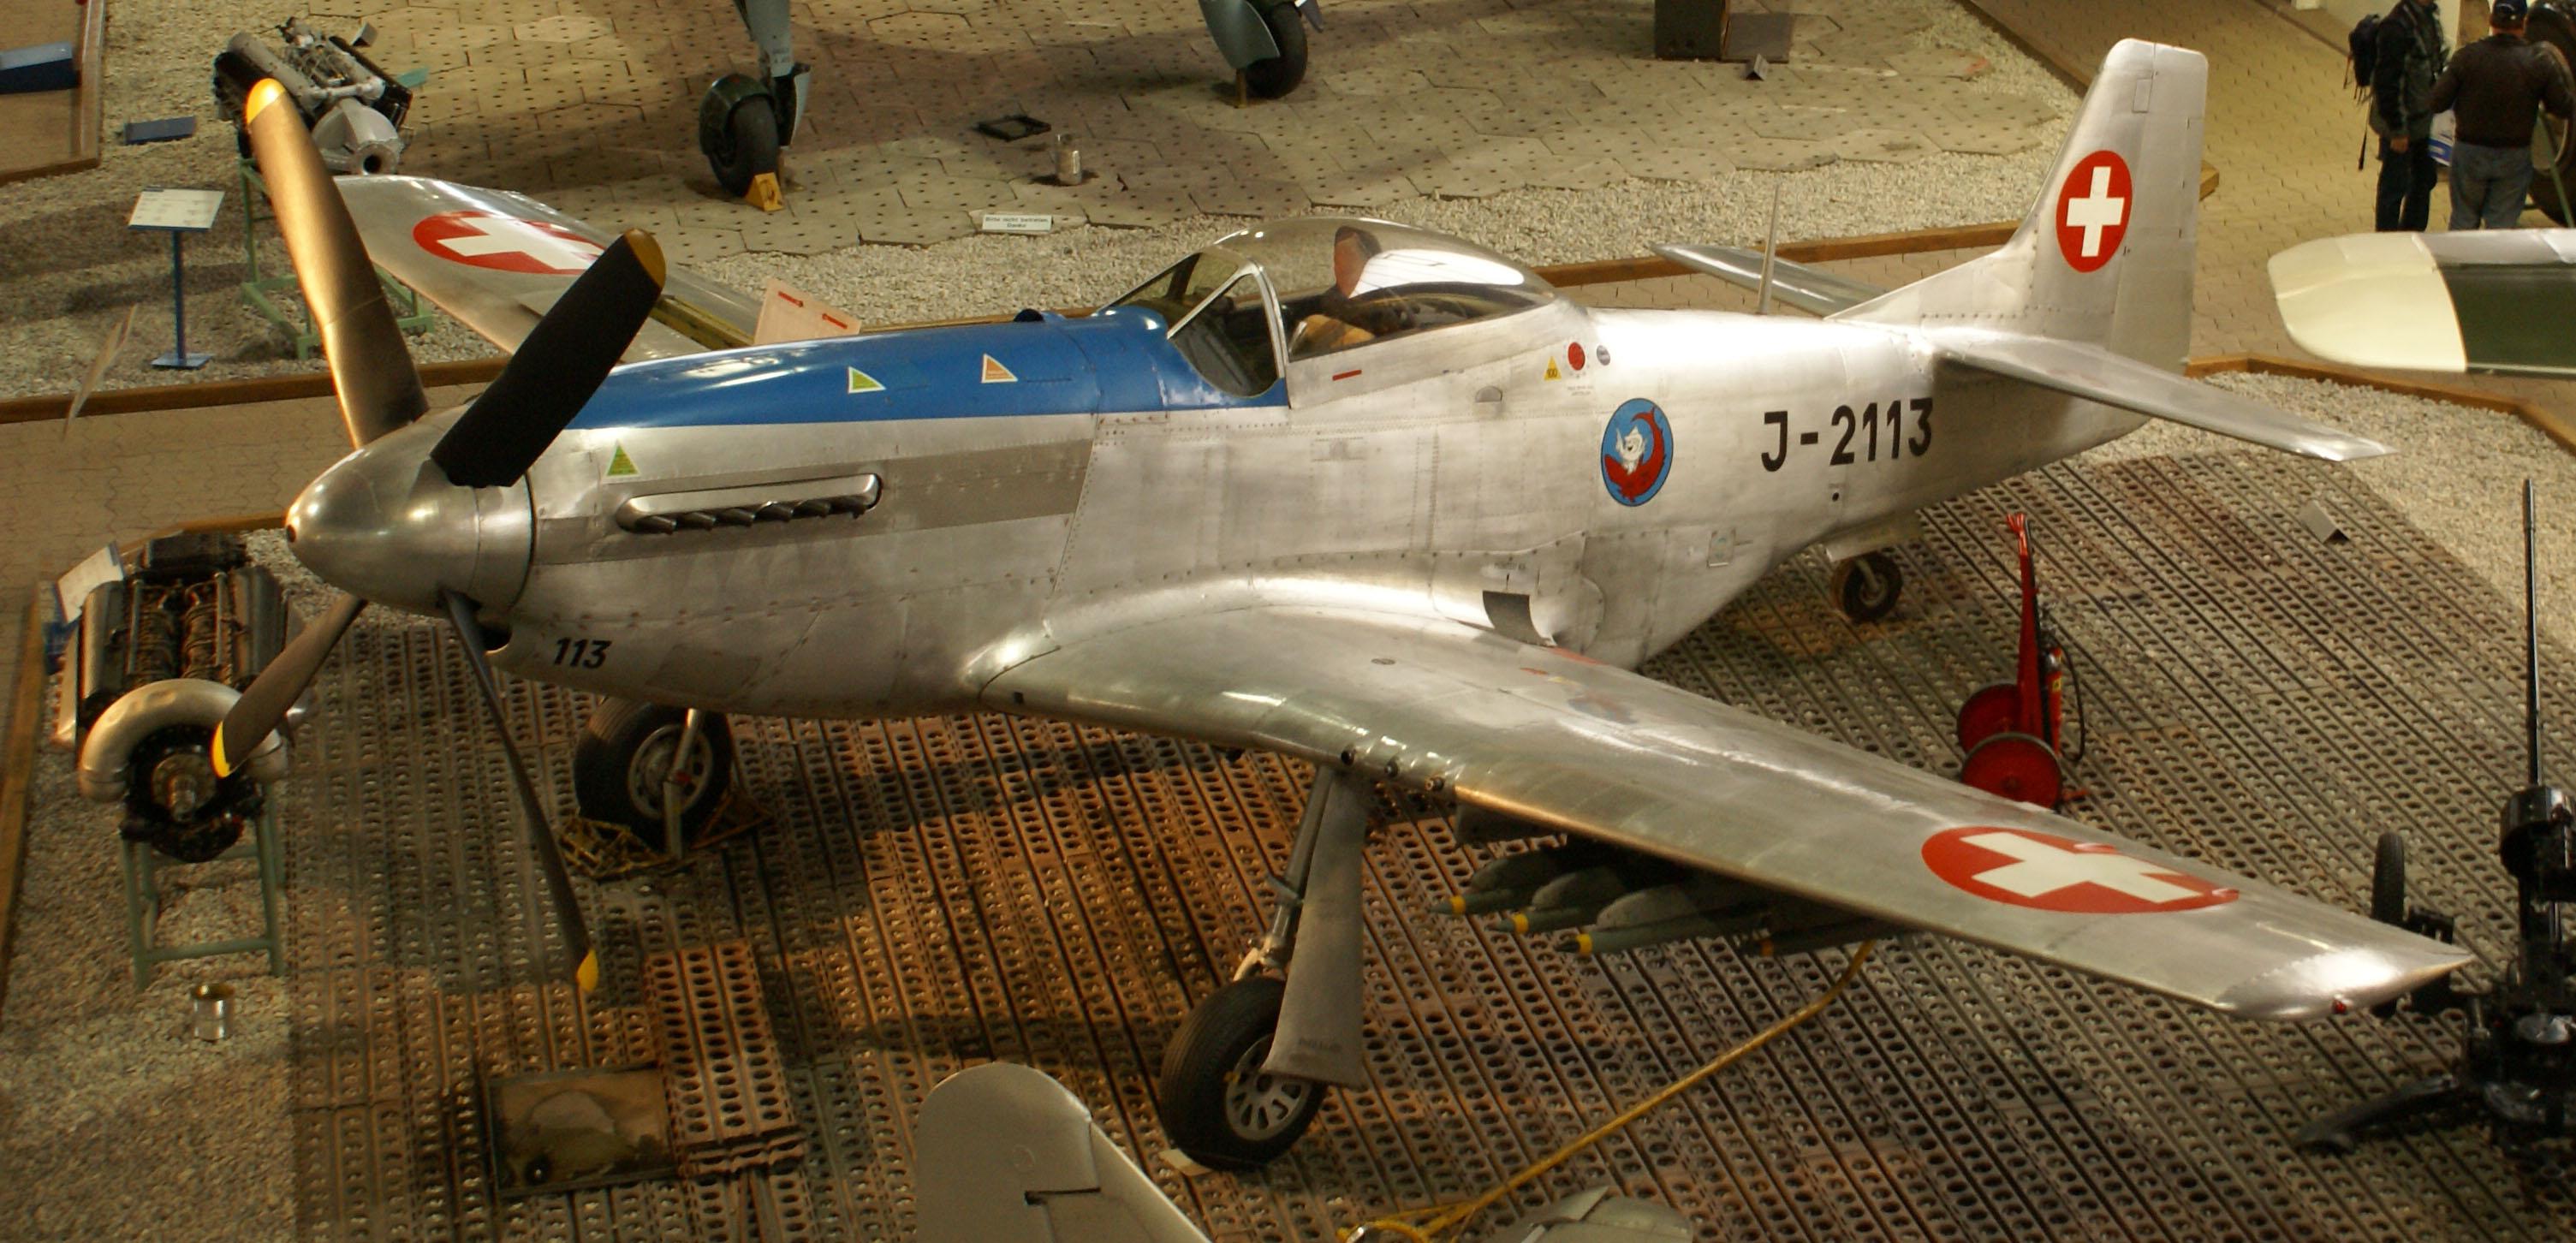 North American P-51 Mustang Combat Aircraft